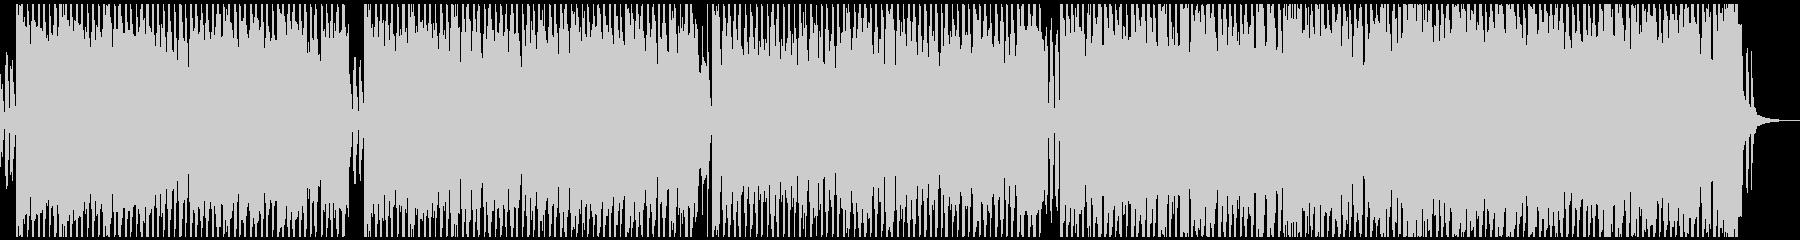 聖者の行進 ほのぼの スライドギター抜きの未再生の波形